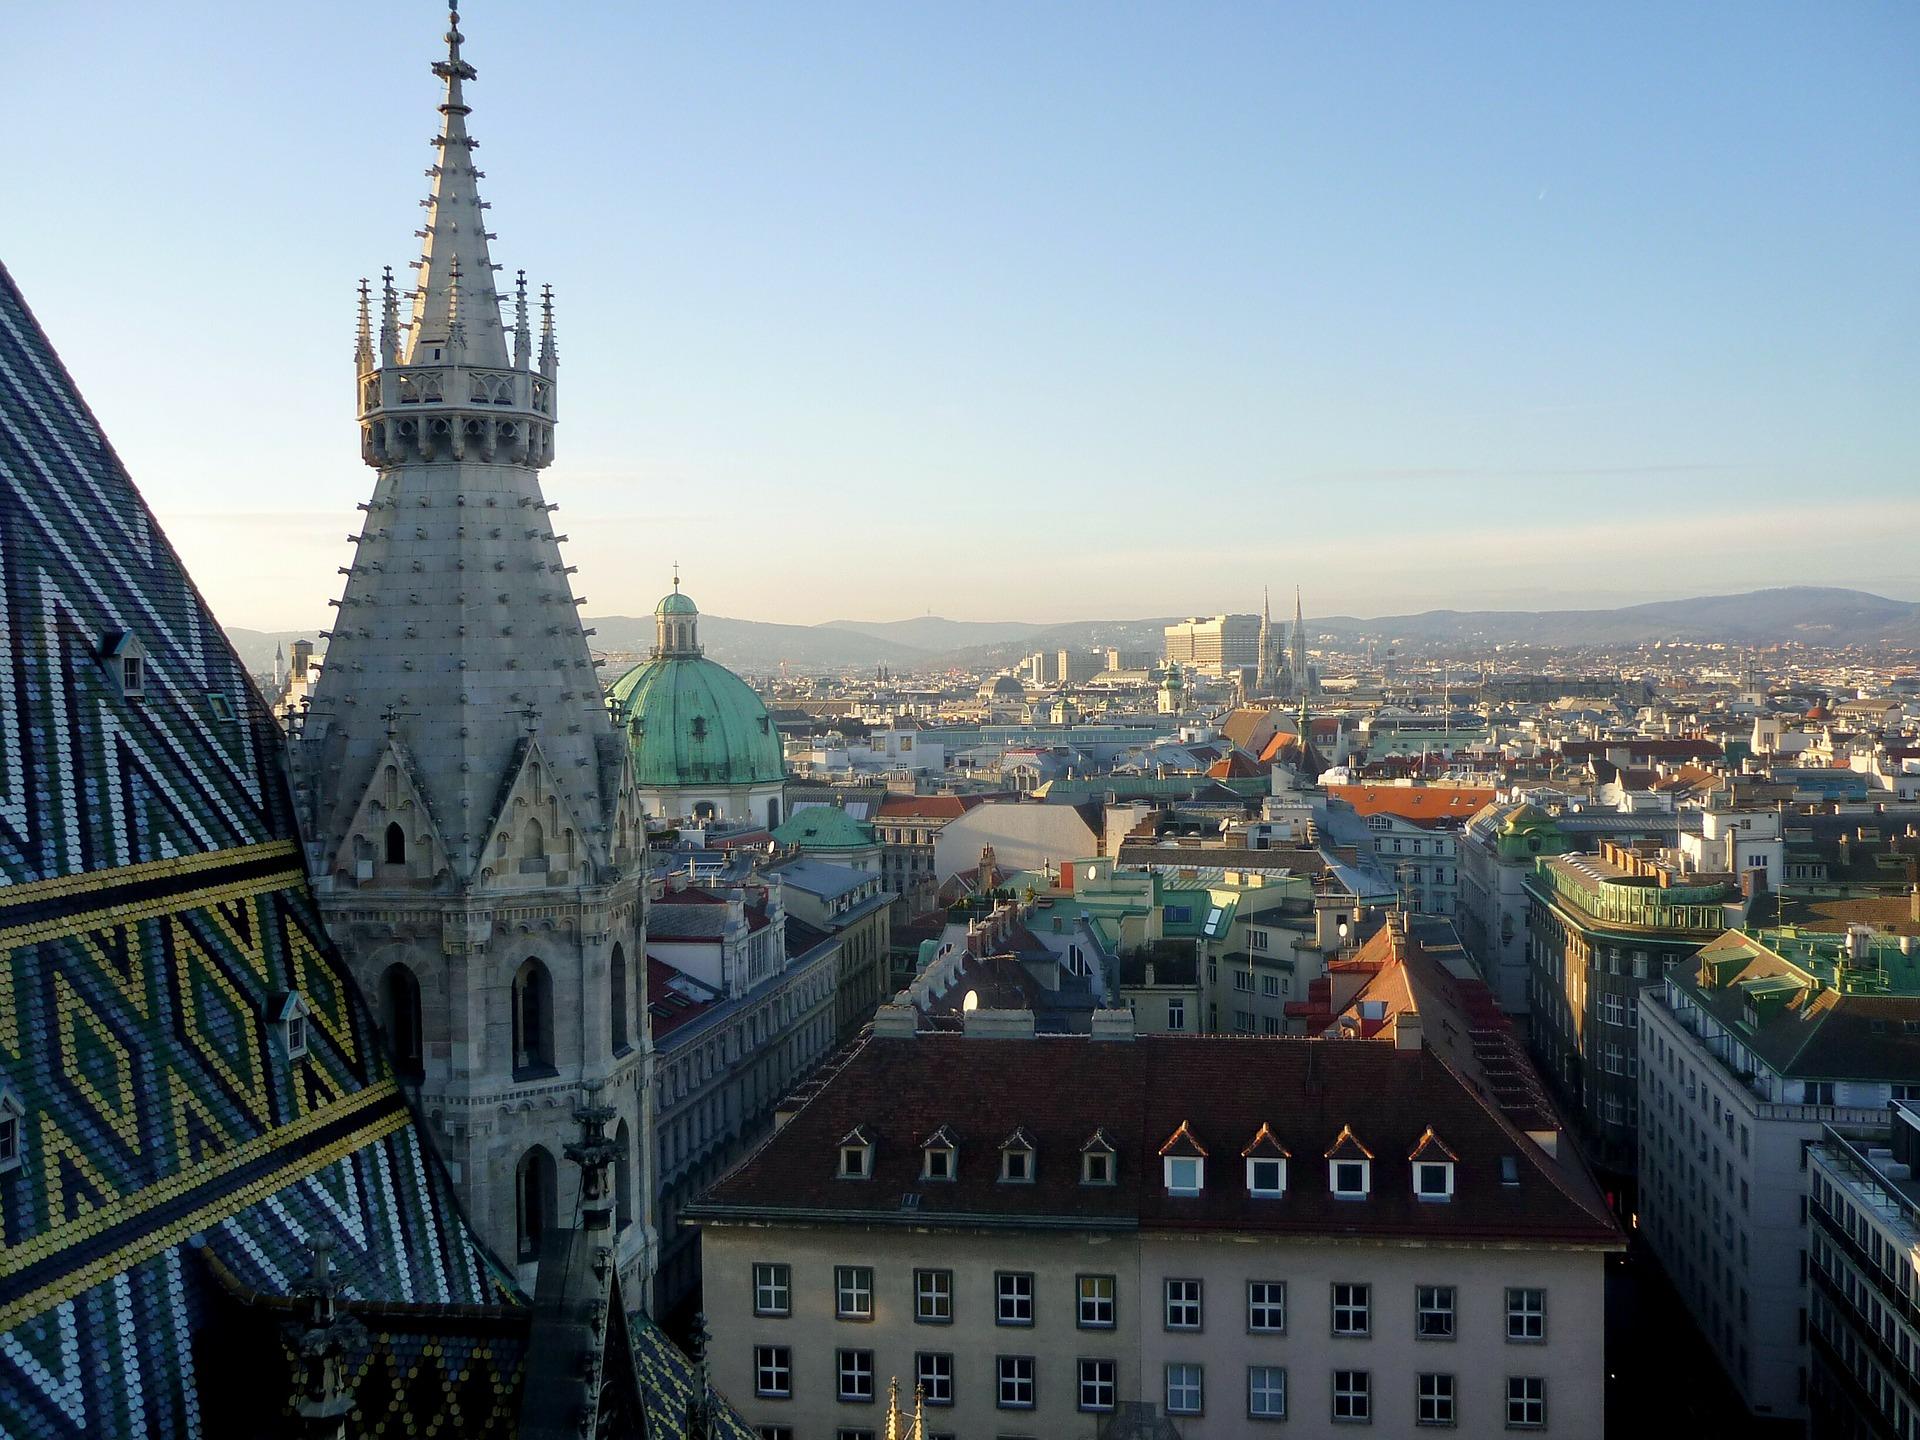 Ausblick vom Stephansdom-Turm über die Dächer der Stadt